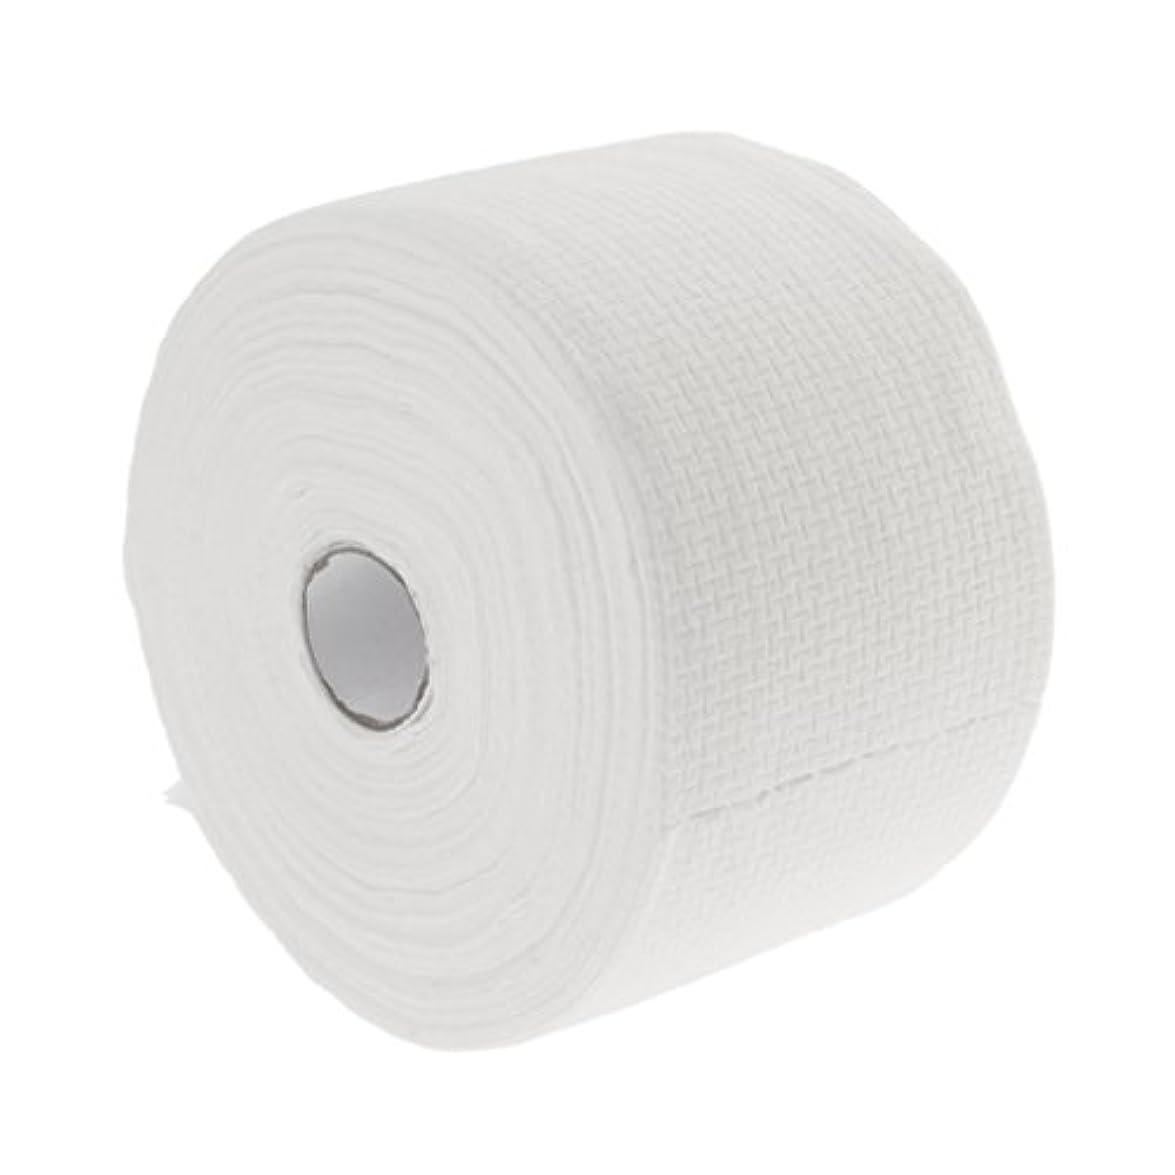 涙が出るきれいに物理的に30メートルの使い捨て可能な綿タオル繊維クレンジングフェイシャルワイプメイク落とし - #1